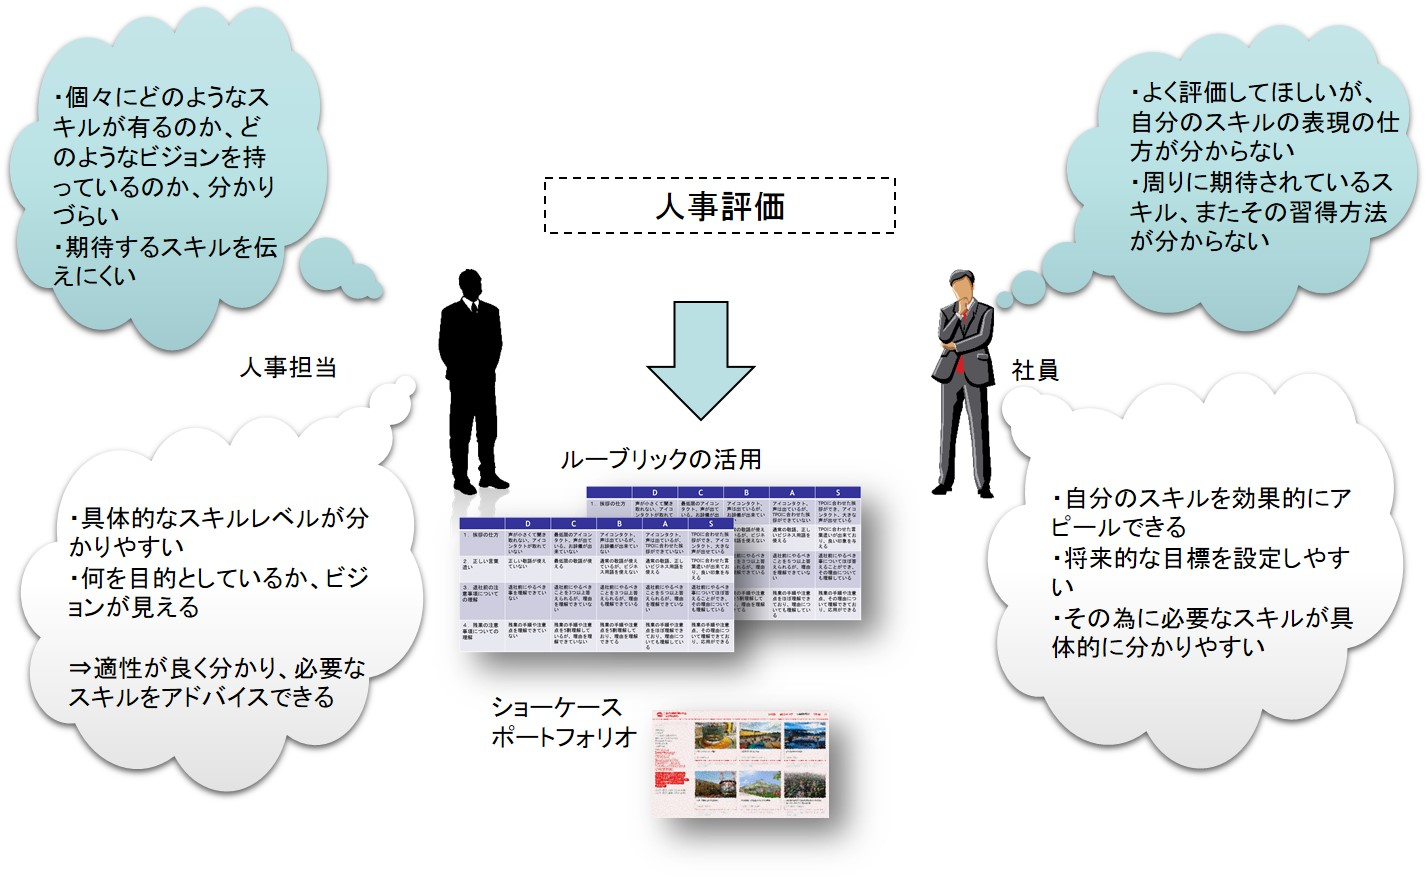 人事評価がわかりやすく|ボウ・ネットシステムズ株式会社 ( BOWNET.CO.JP )